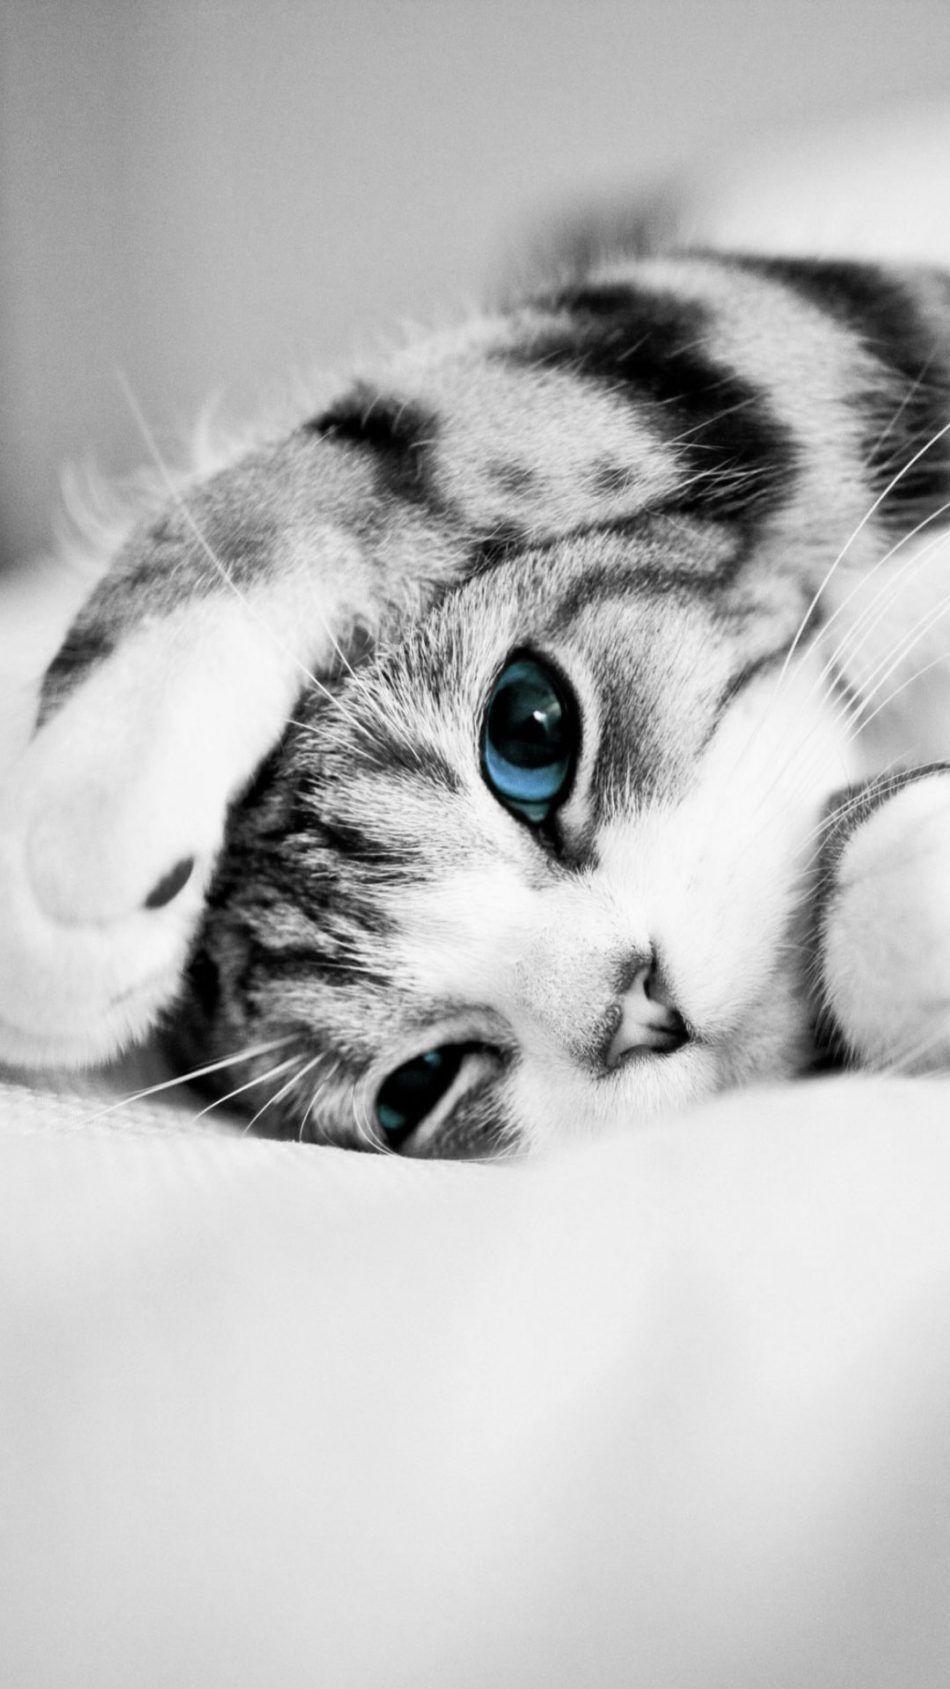 Adorable Cute Blue Eyed Kitten Adorablekittens Adorable Cute Blue Eyed Kitten Hd Mobile Wallpaper 650207264936057 Kittens Cutest Kitten Wallpaper Cute Animals